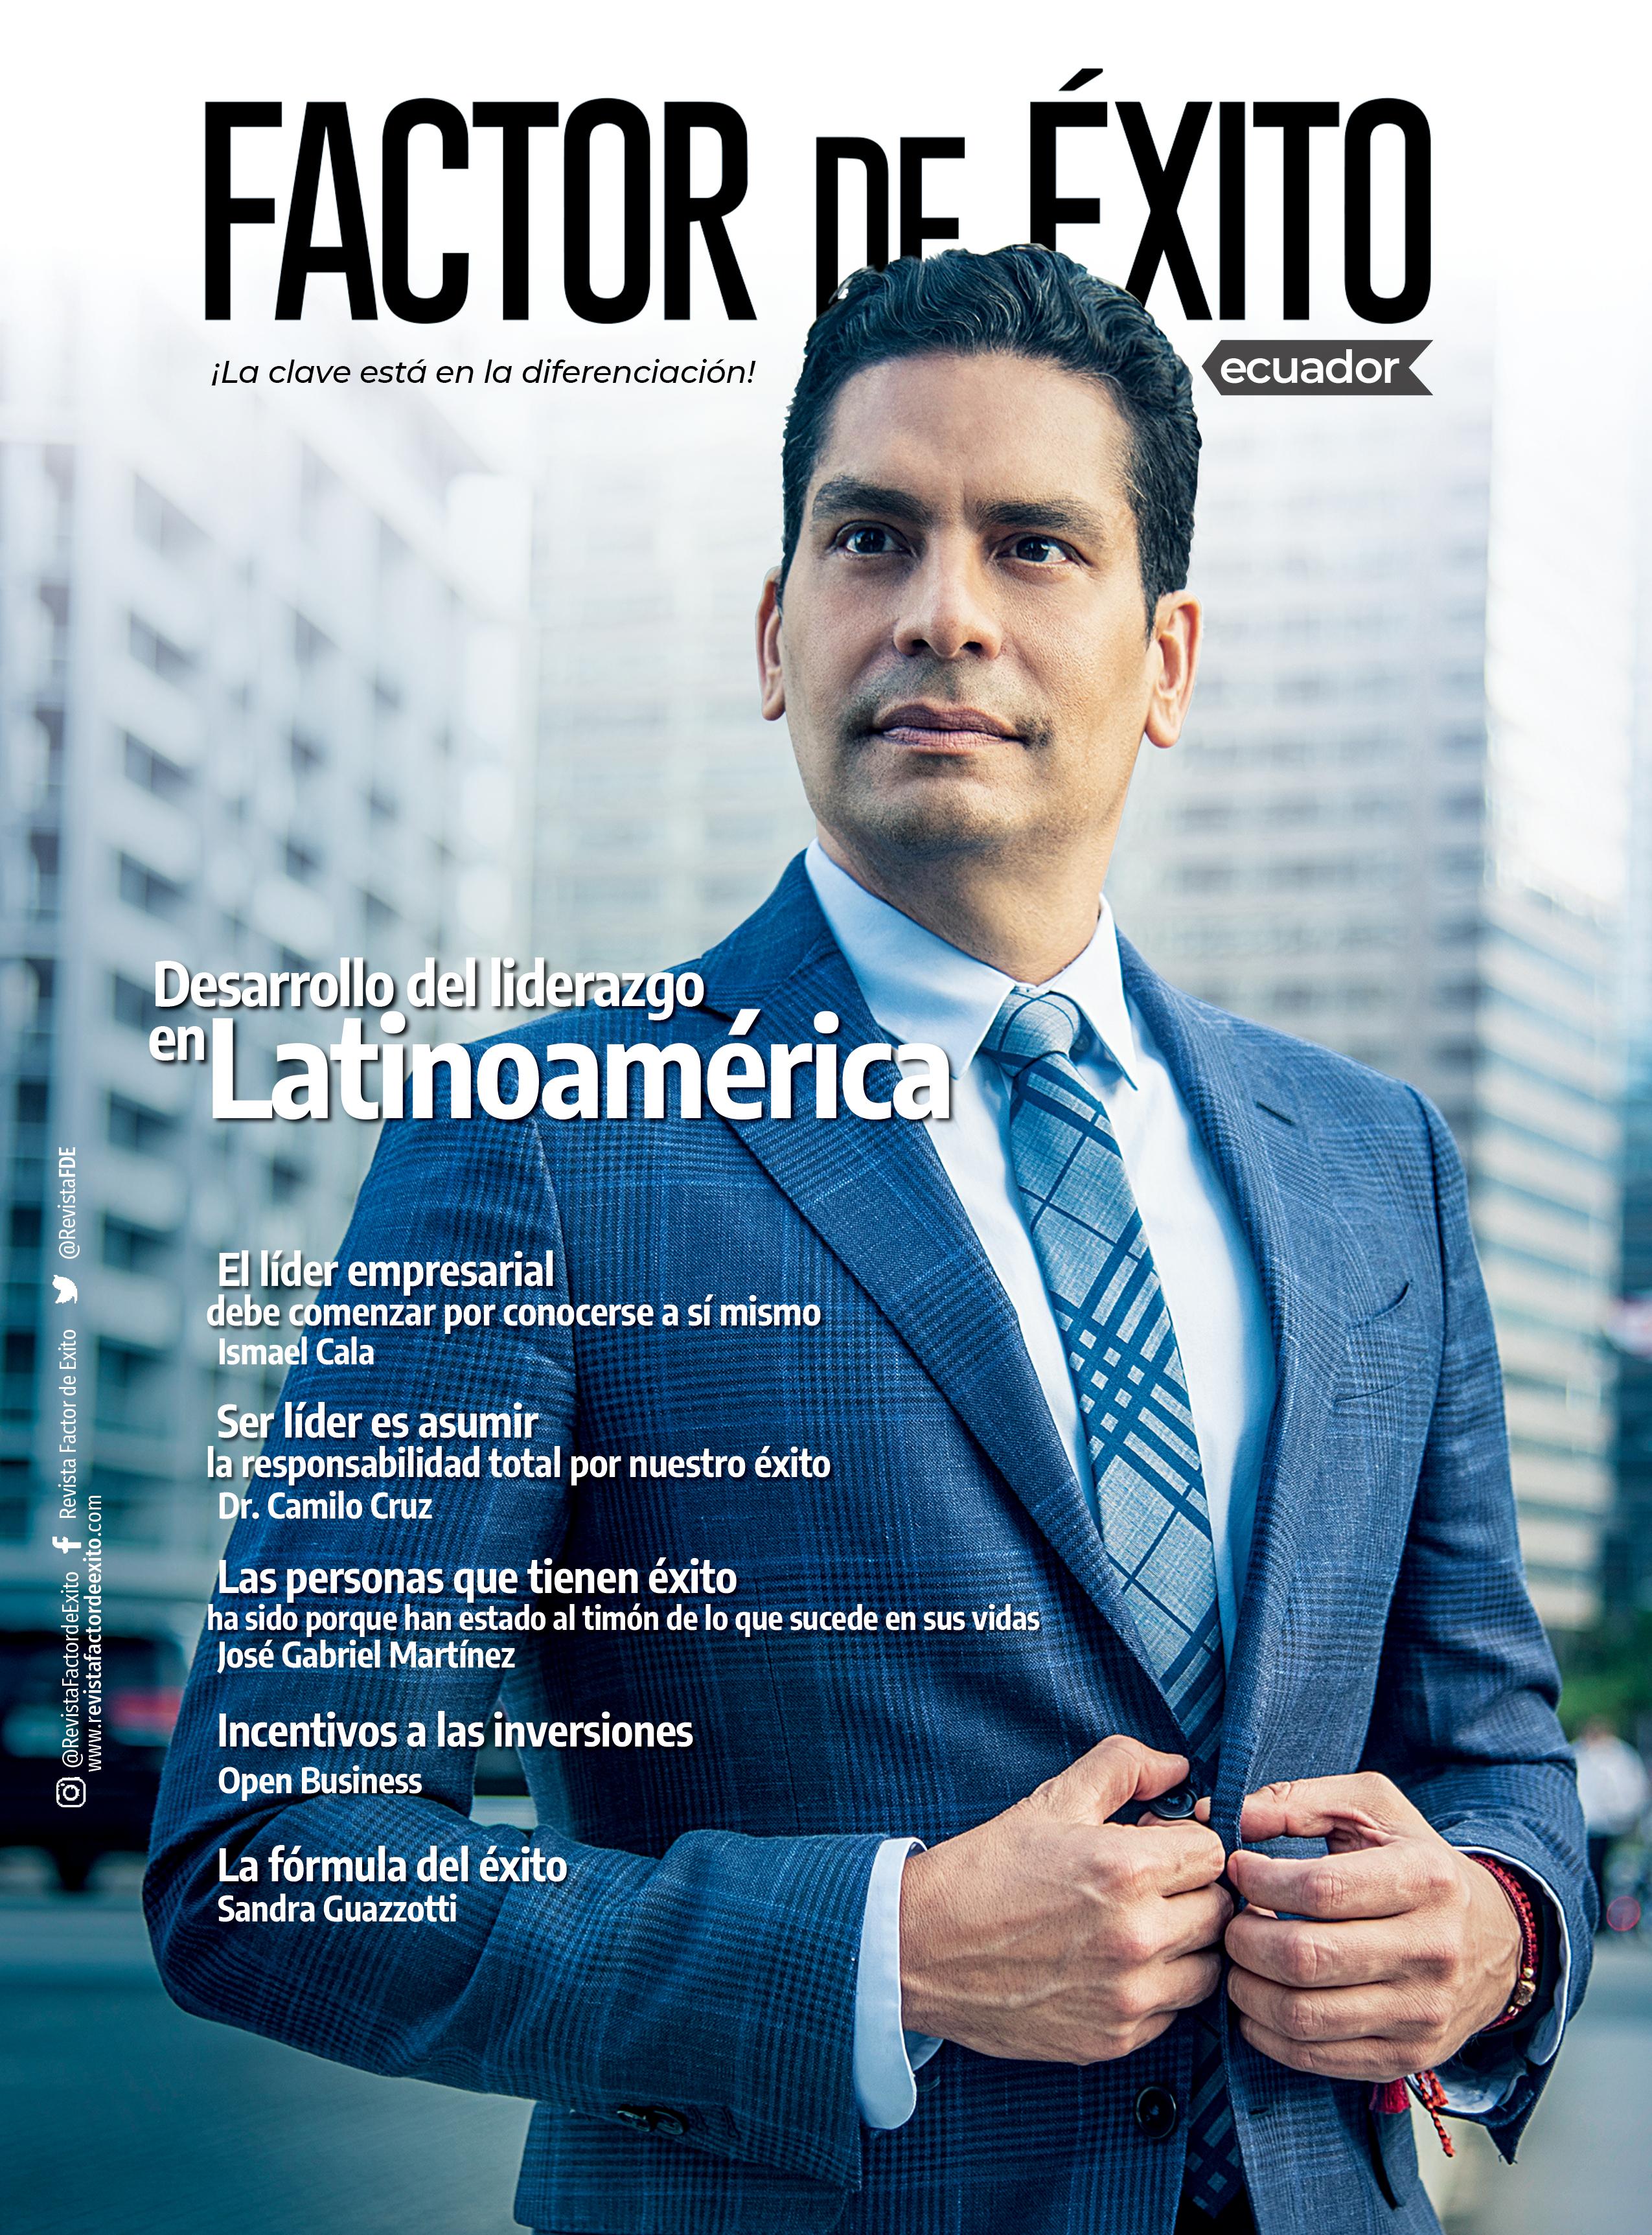 ECUADOR  edición #1 Revista Factor de Éxito